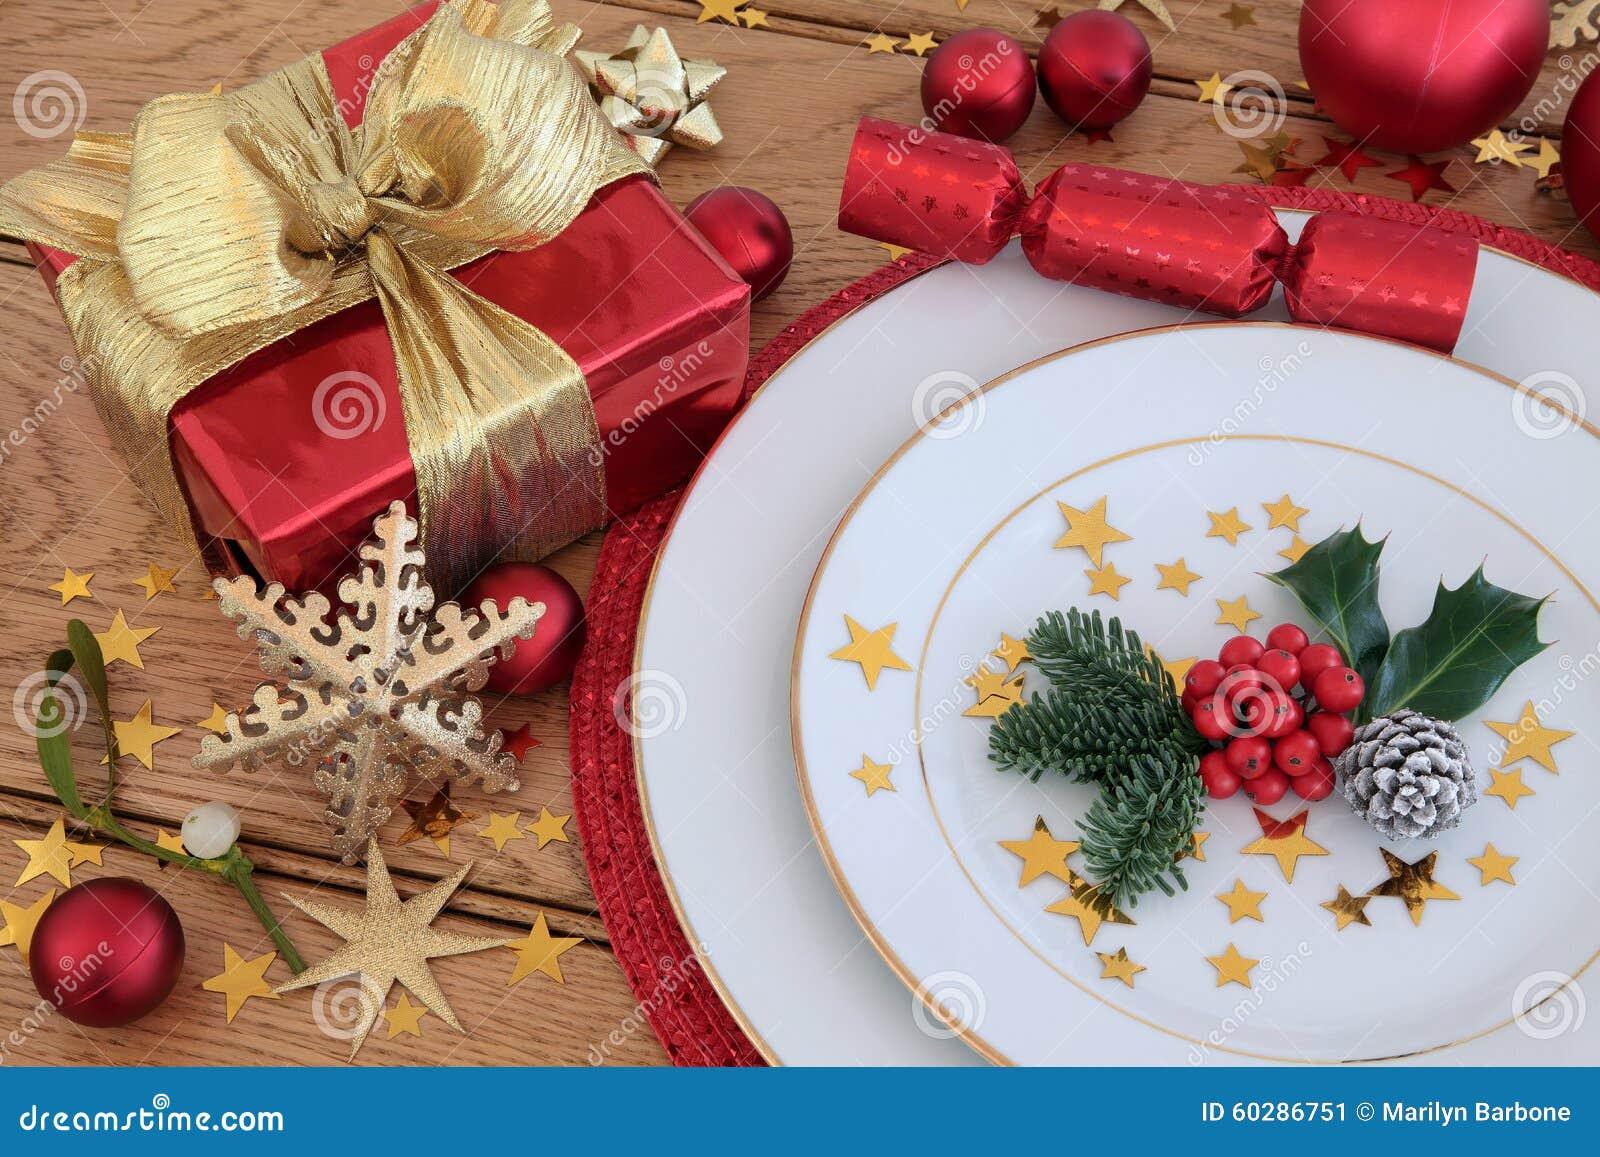 Christmas Time Stock Photo Image 60286751